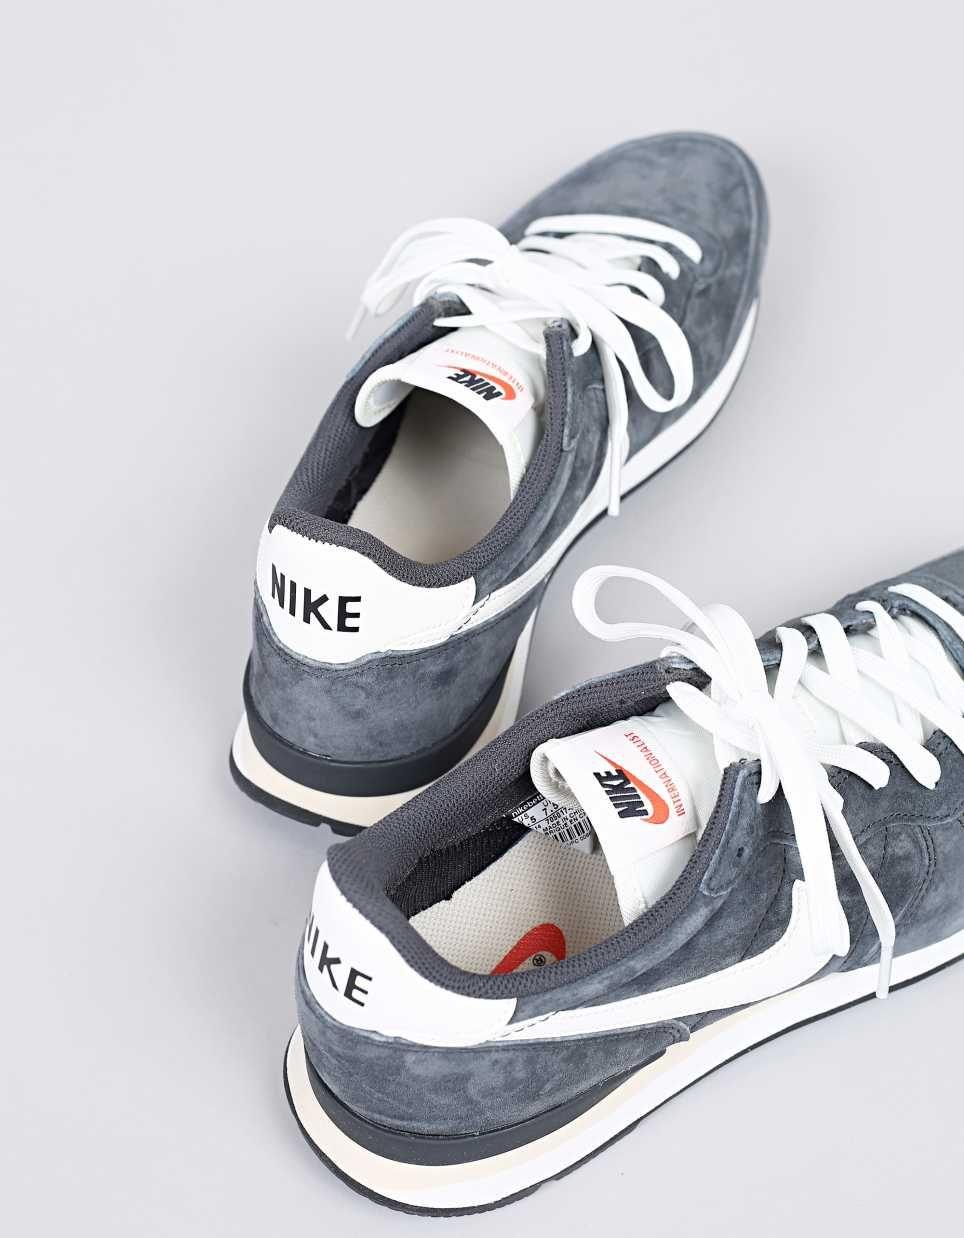 Nike Pinterest Free Roshe Sportswear 19 On qYw8ArYg